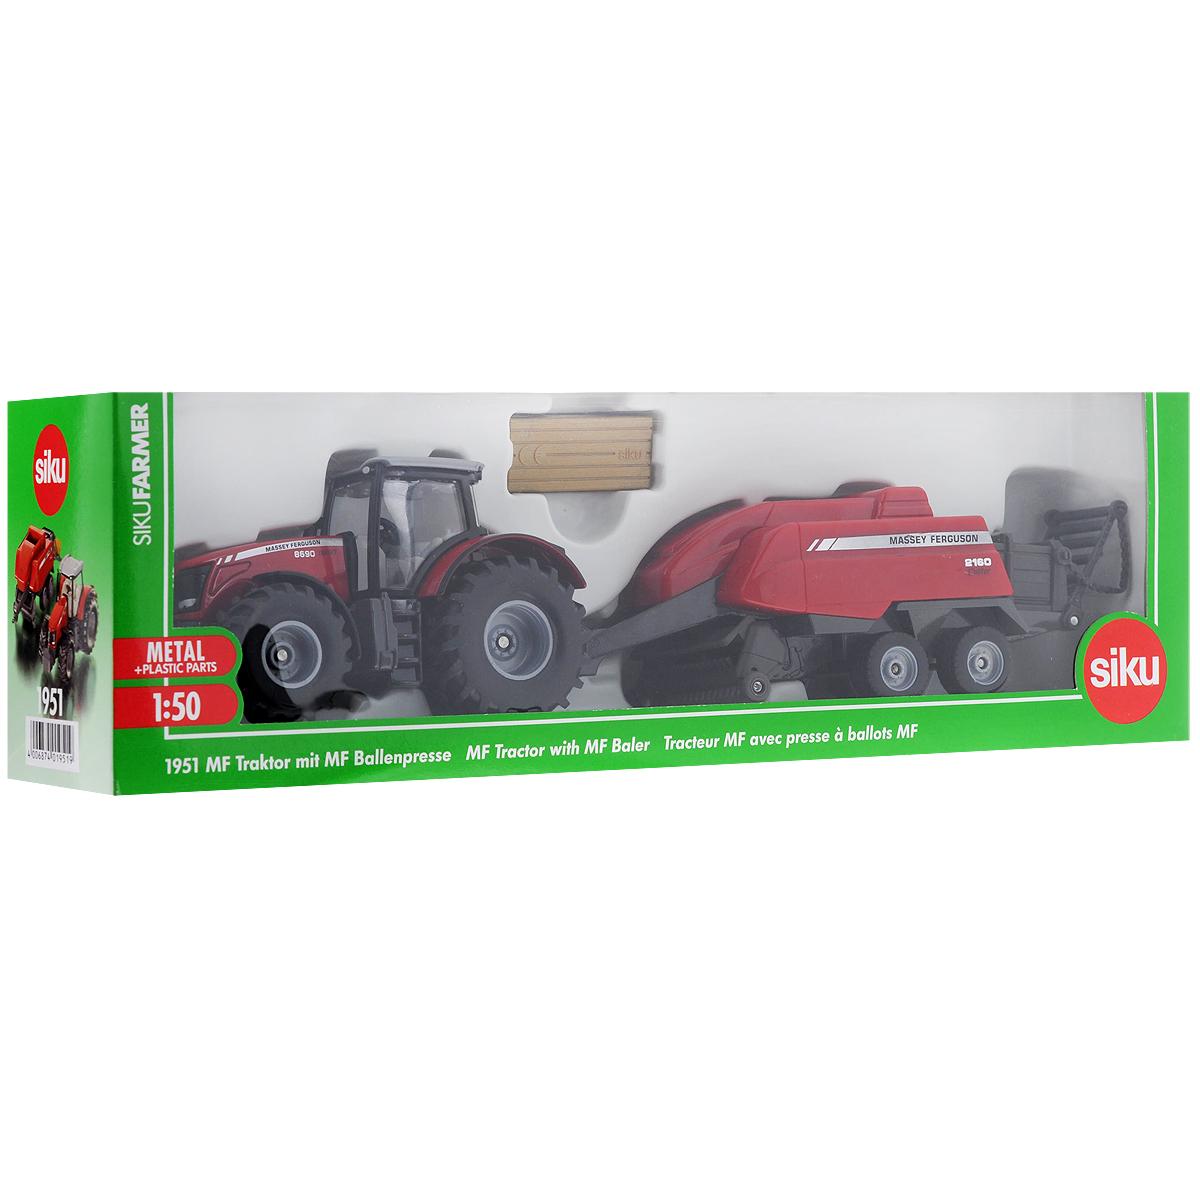 Siku Трактор Massey-Ferguson с кипоукладчиком